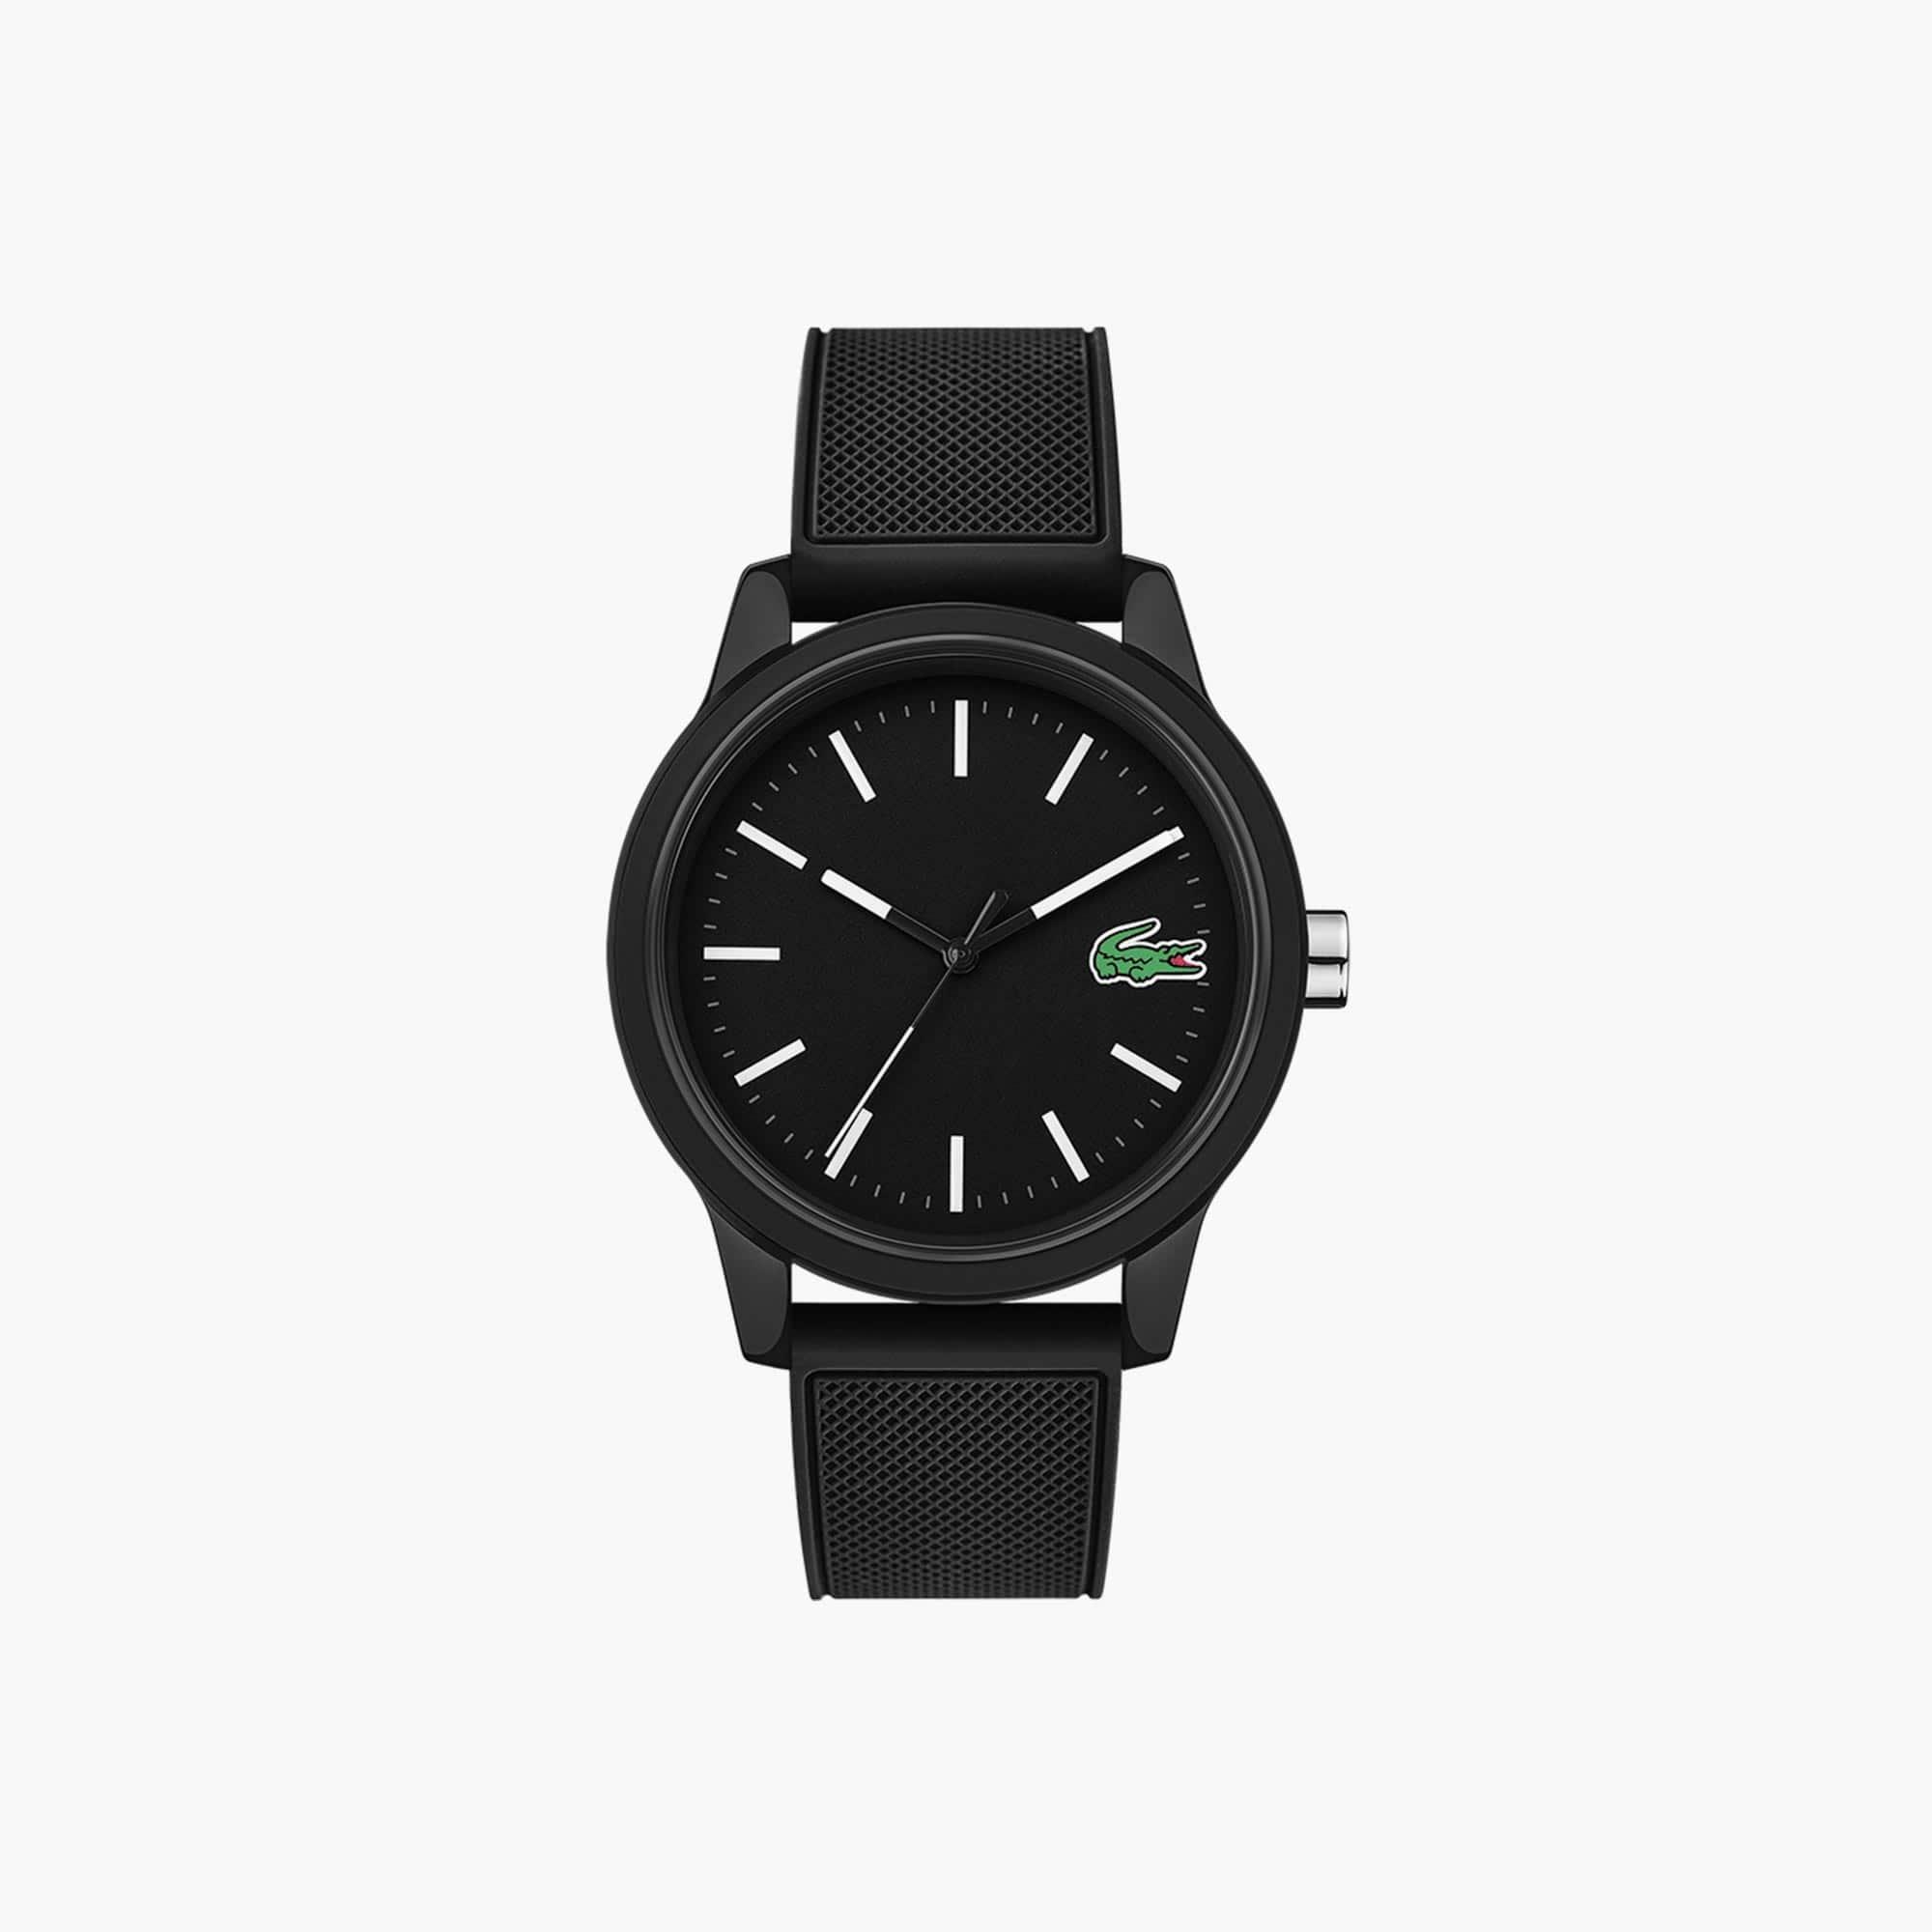 Montre Homme Lacoste12.12 3 aiguilles avec Bracelet Silicone Noir